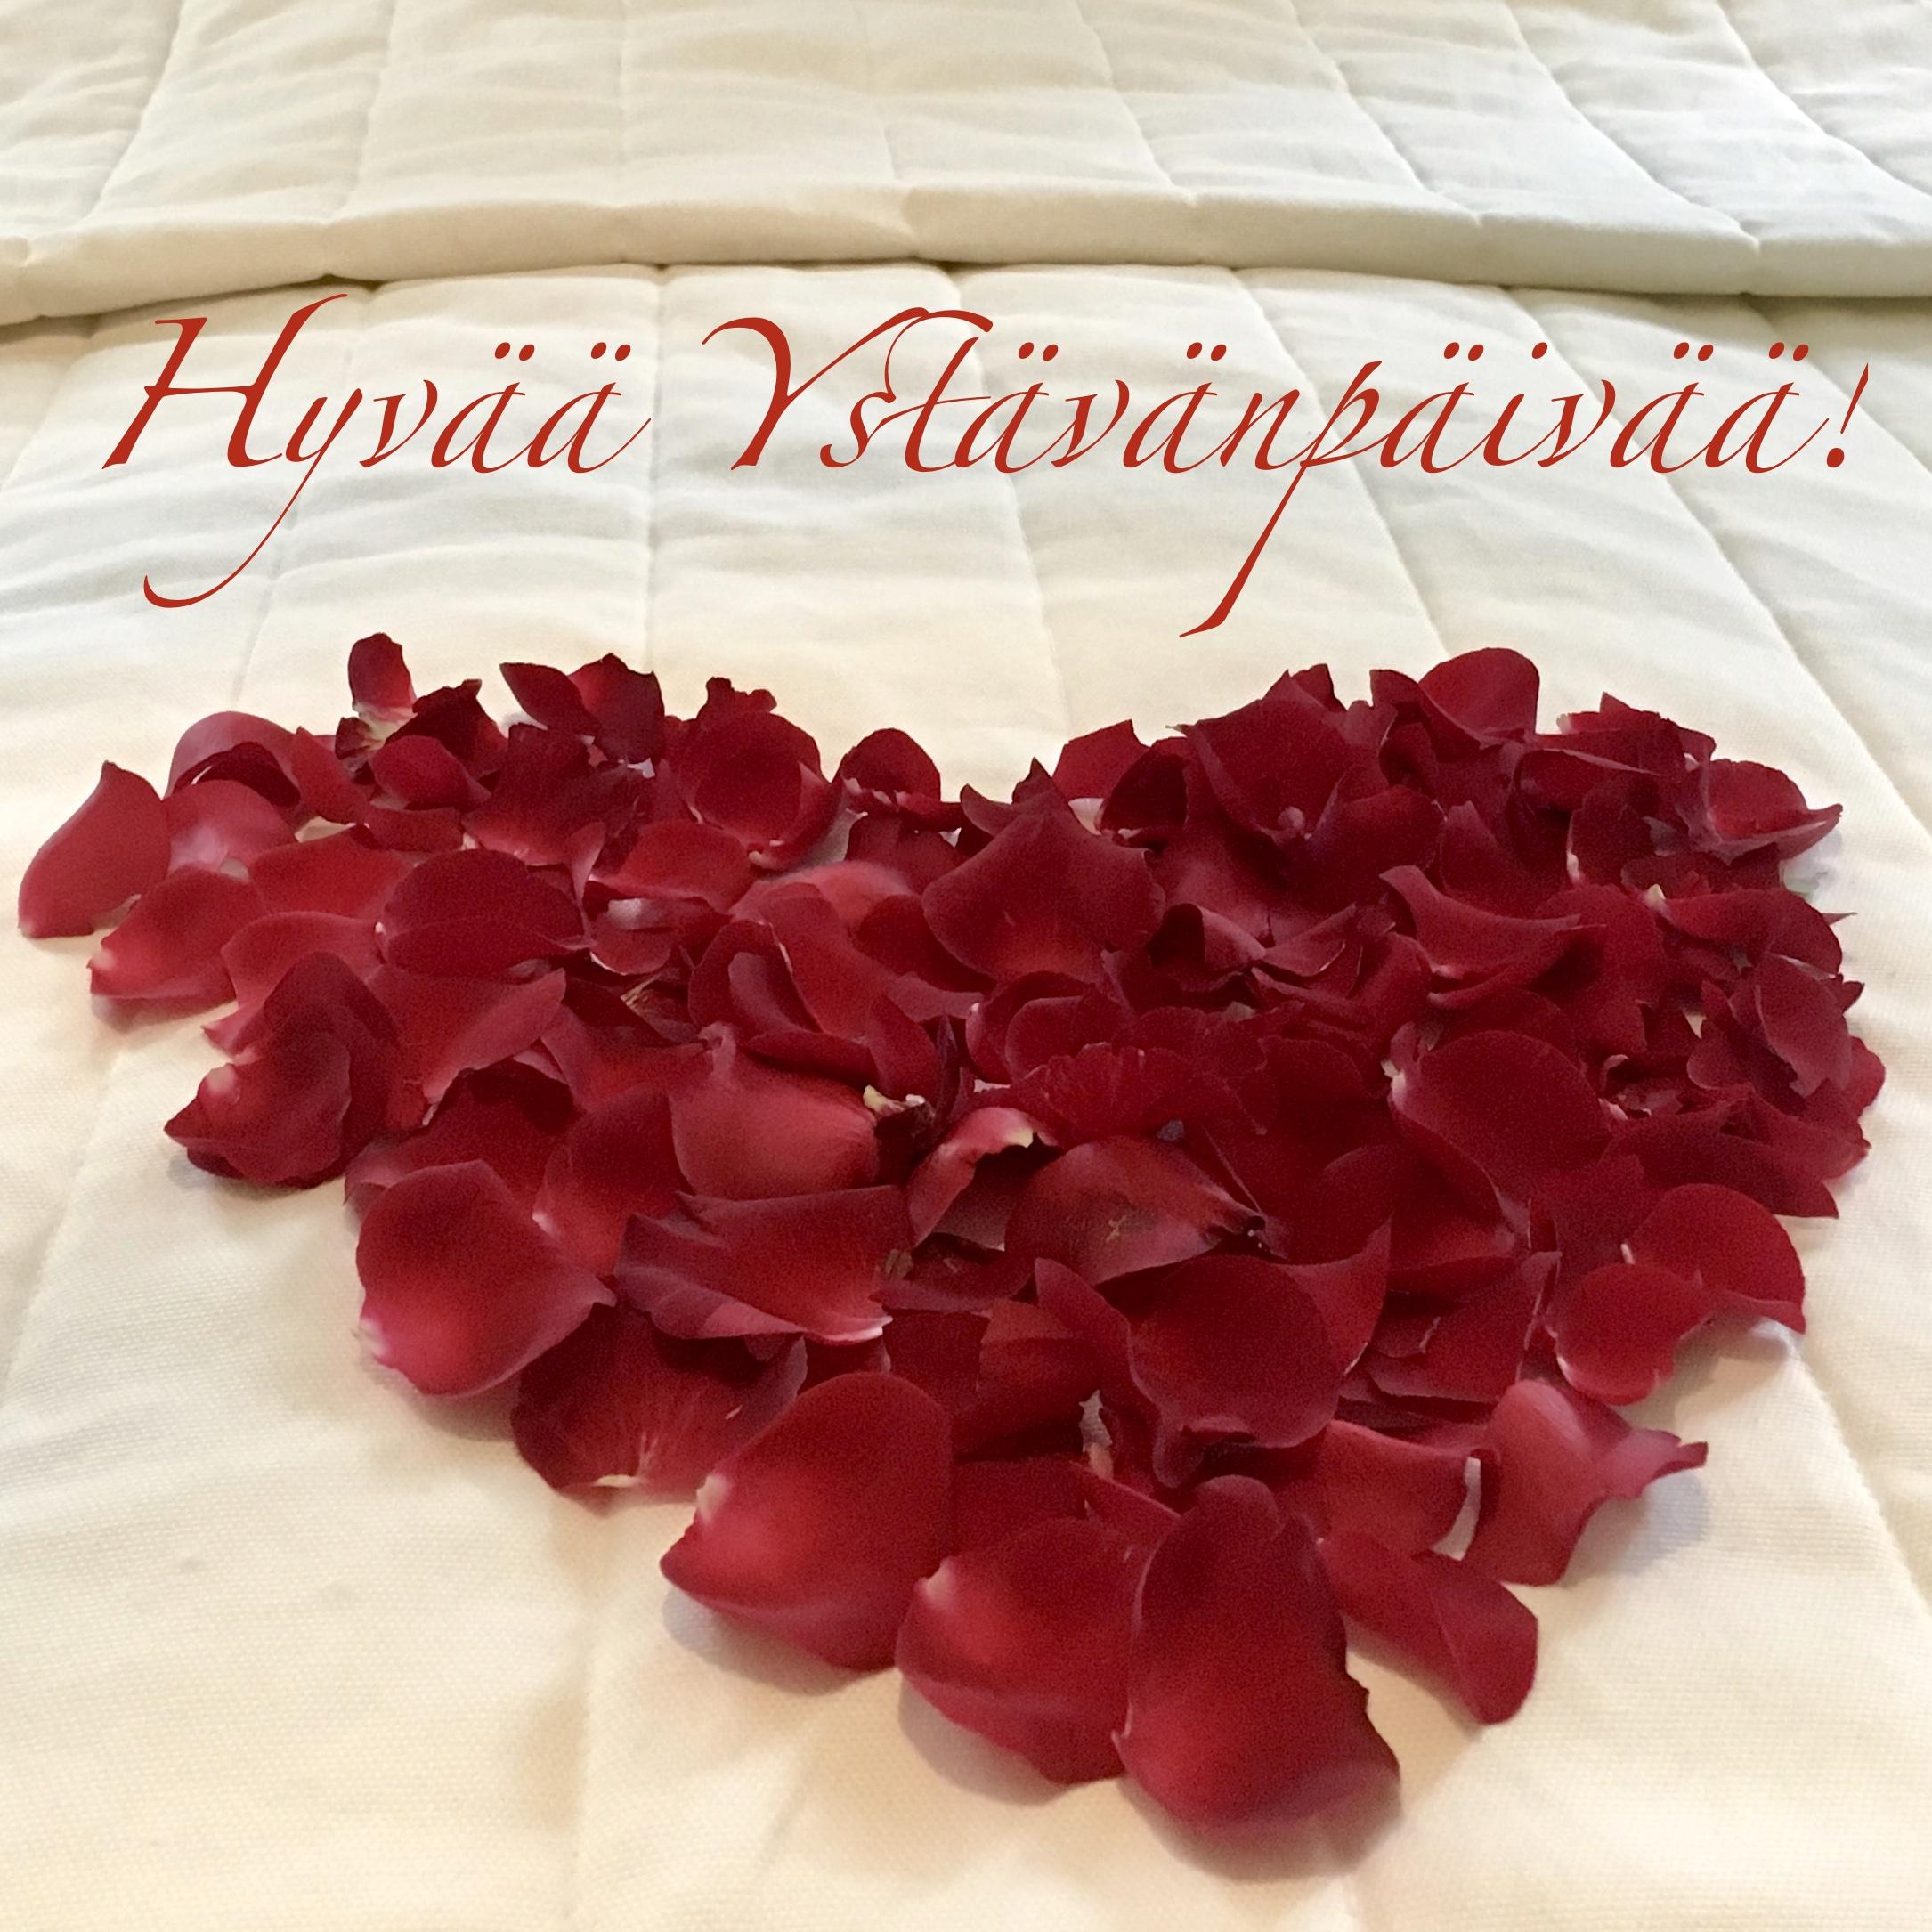 Hyvää Ystävänpäivää! Happy Valentines Day!   Hunajakoto